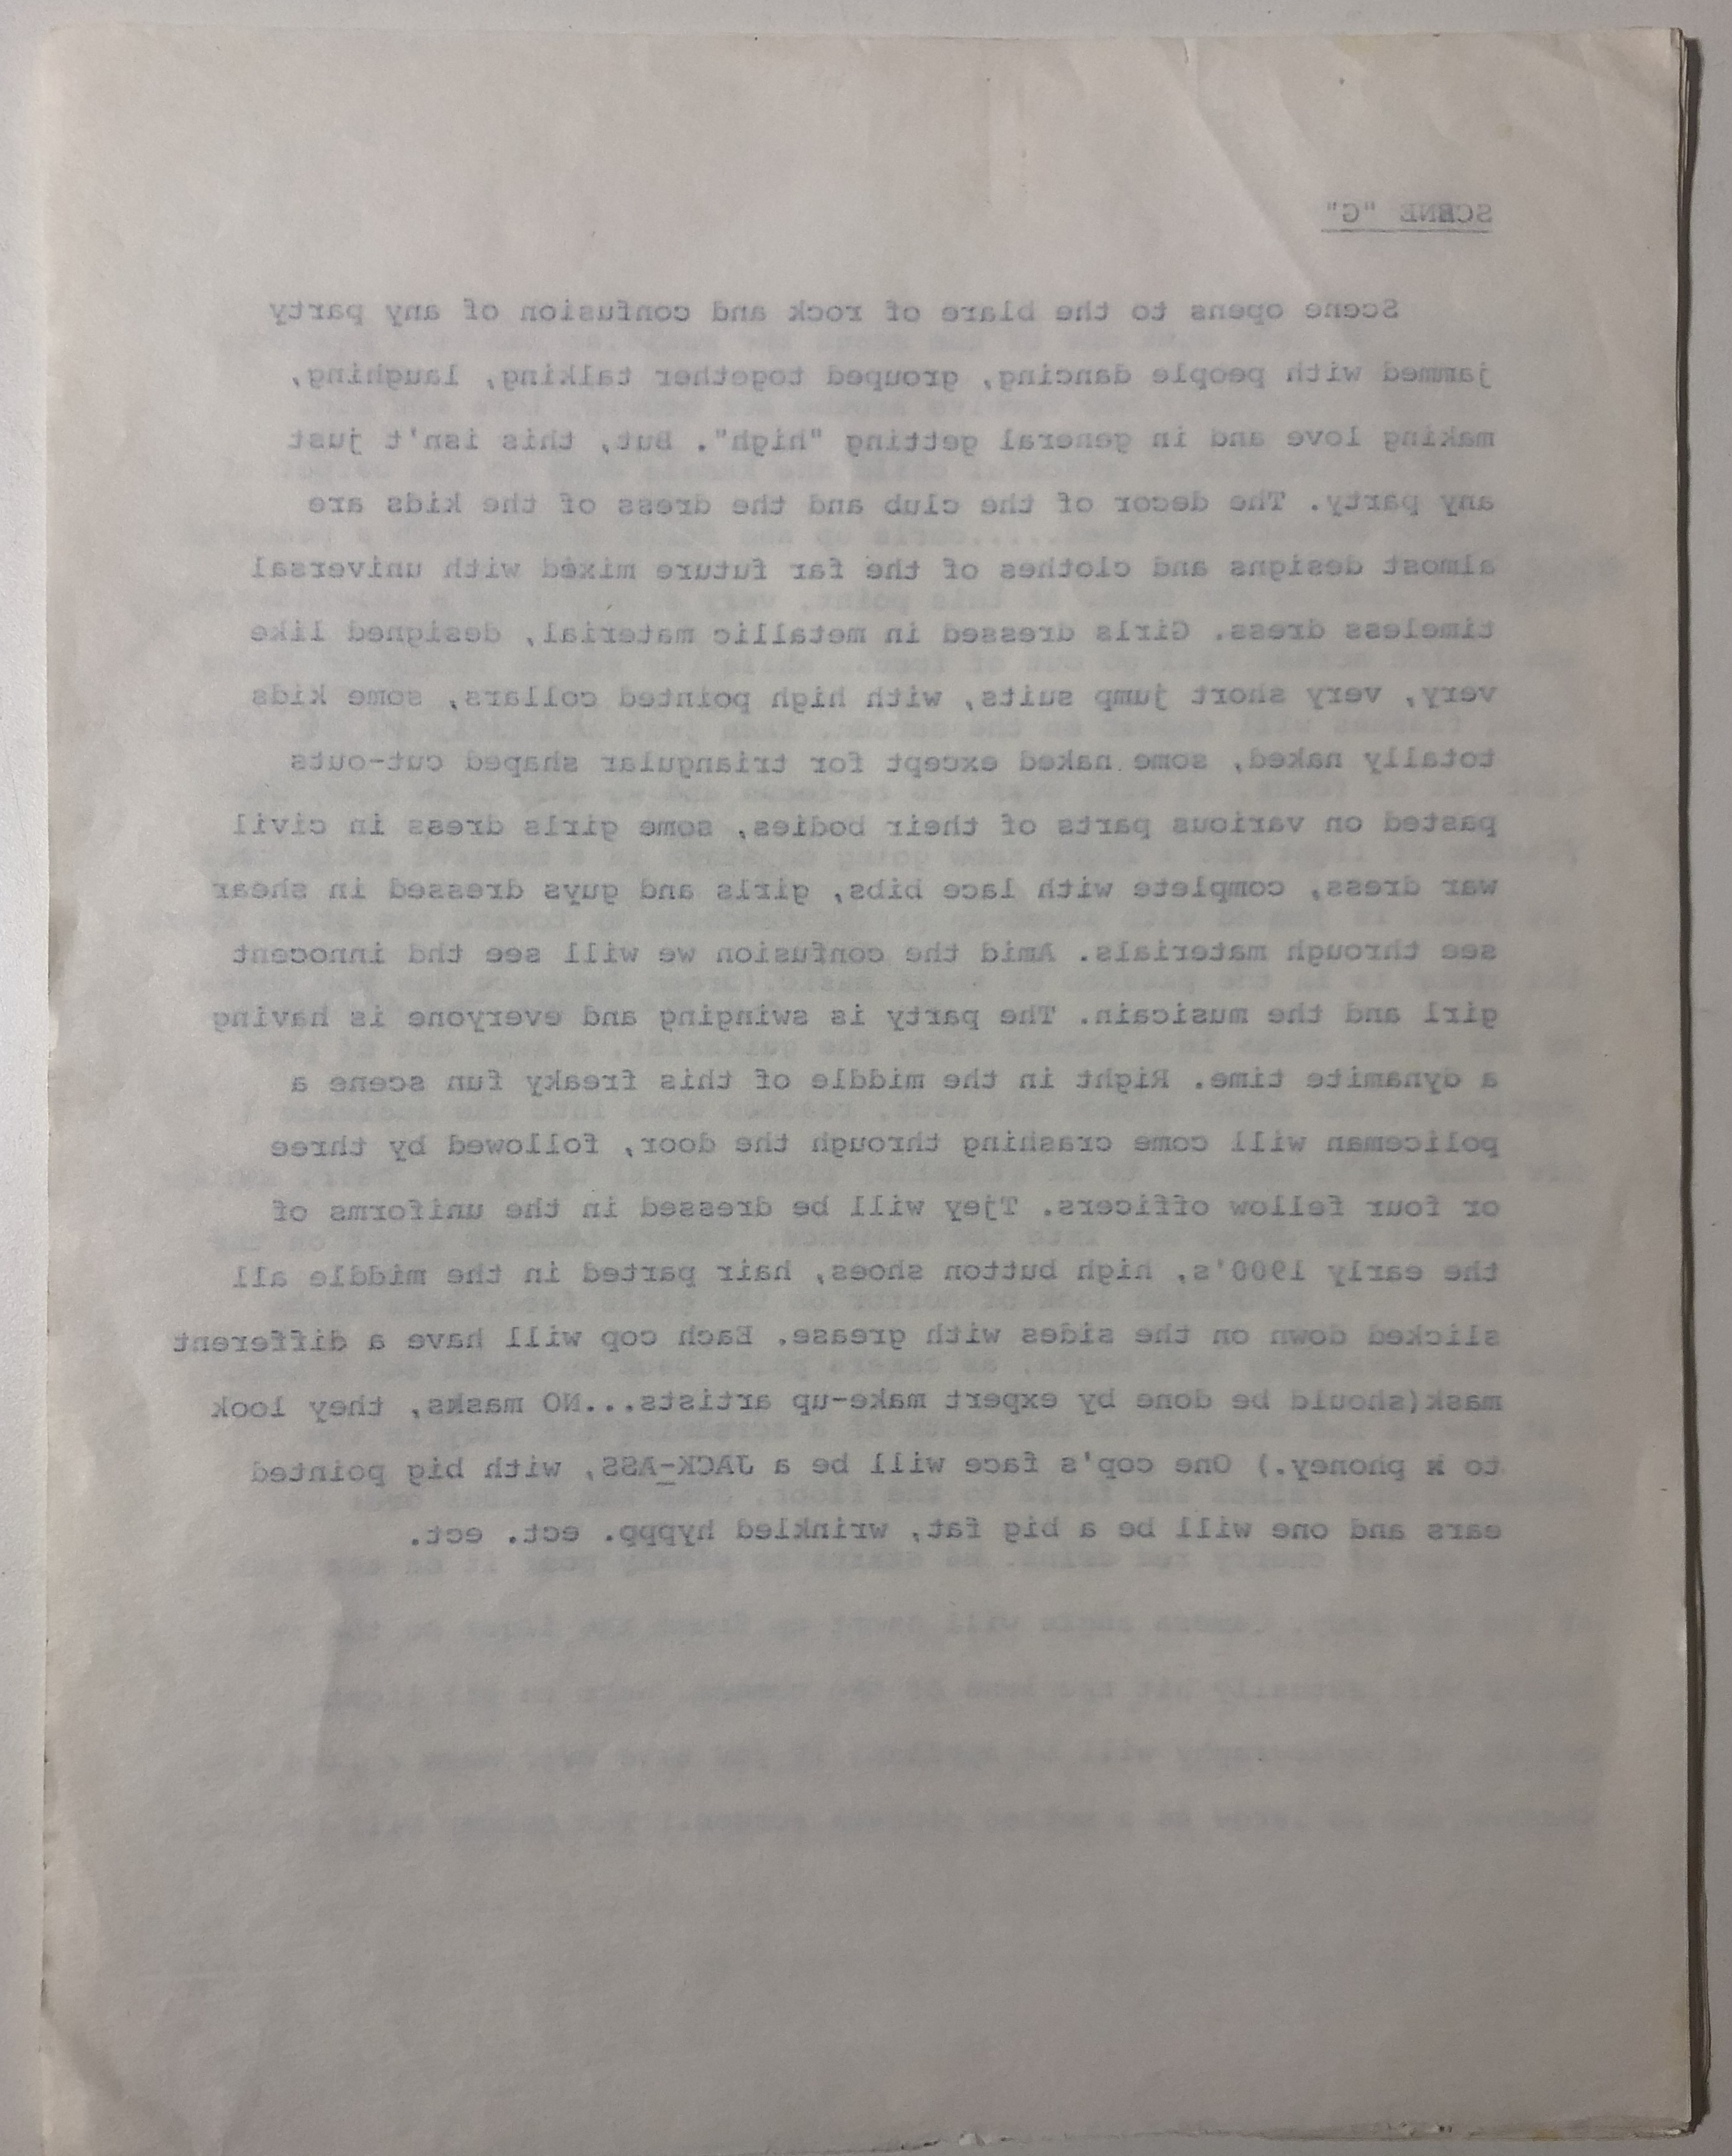 Lot 534 - JIMI HENDRIX MOONDUST SCRIPT.